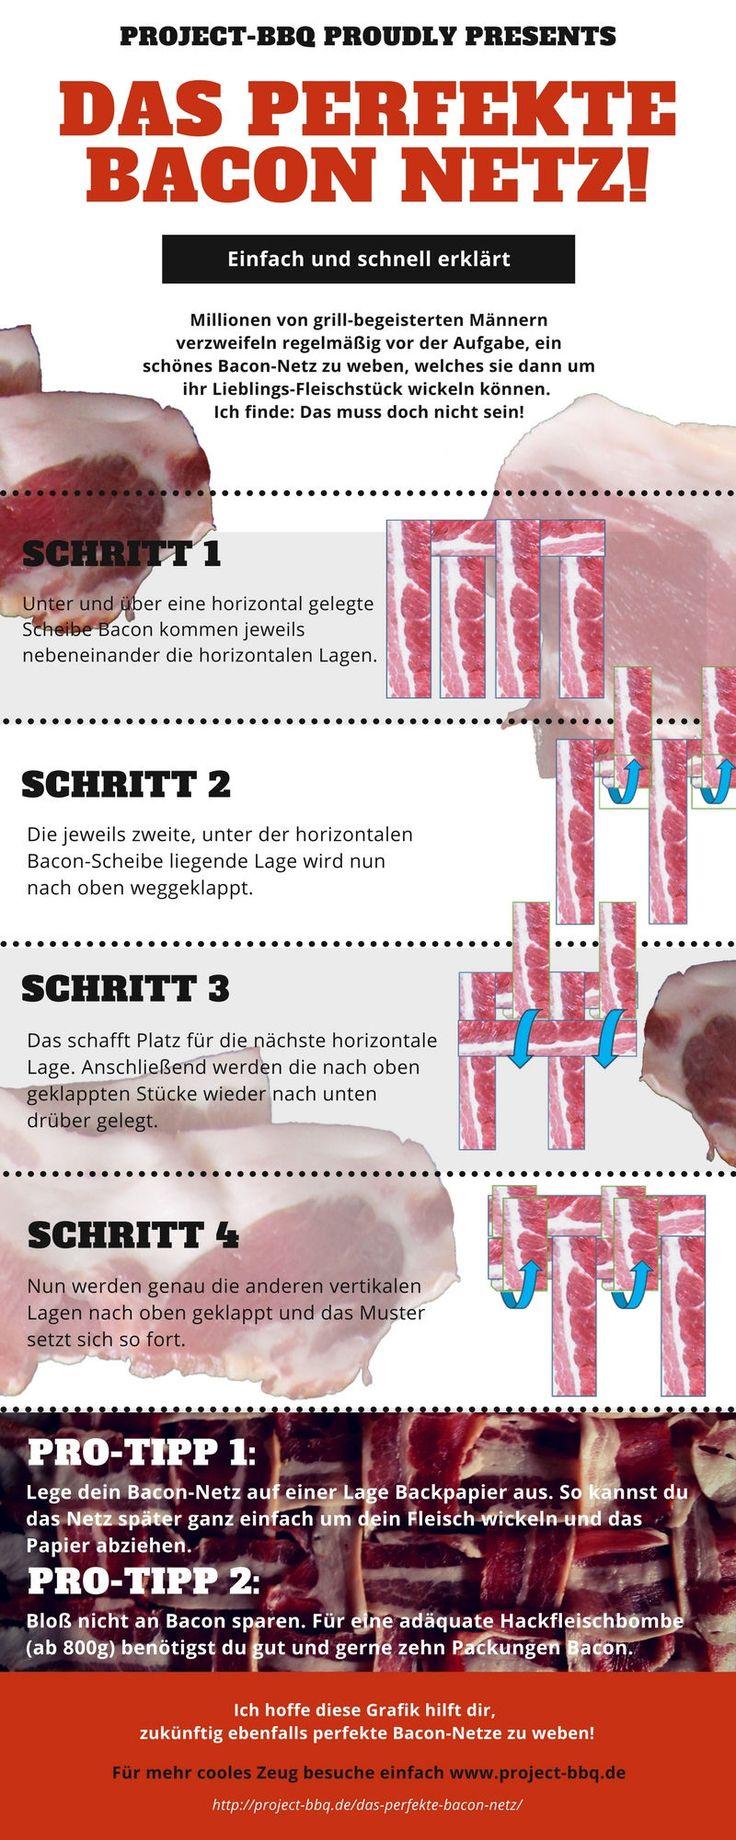 Für alle, die beim Weben des Bacon Netzes noch regelmäßig Fragezeichen über dem kahlen Haupthaar schwirren haben: The ultimate Guide to perfect Bacon Netz!